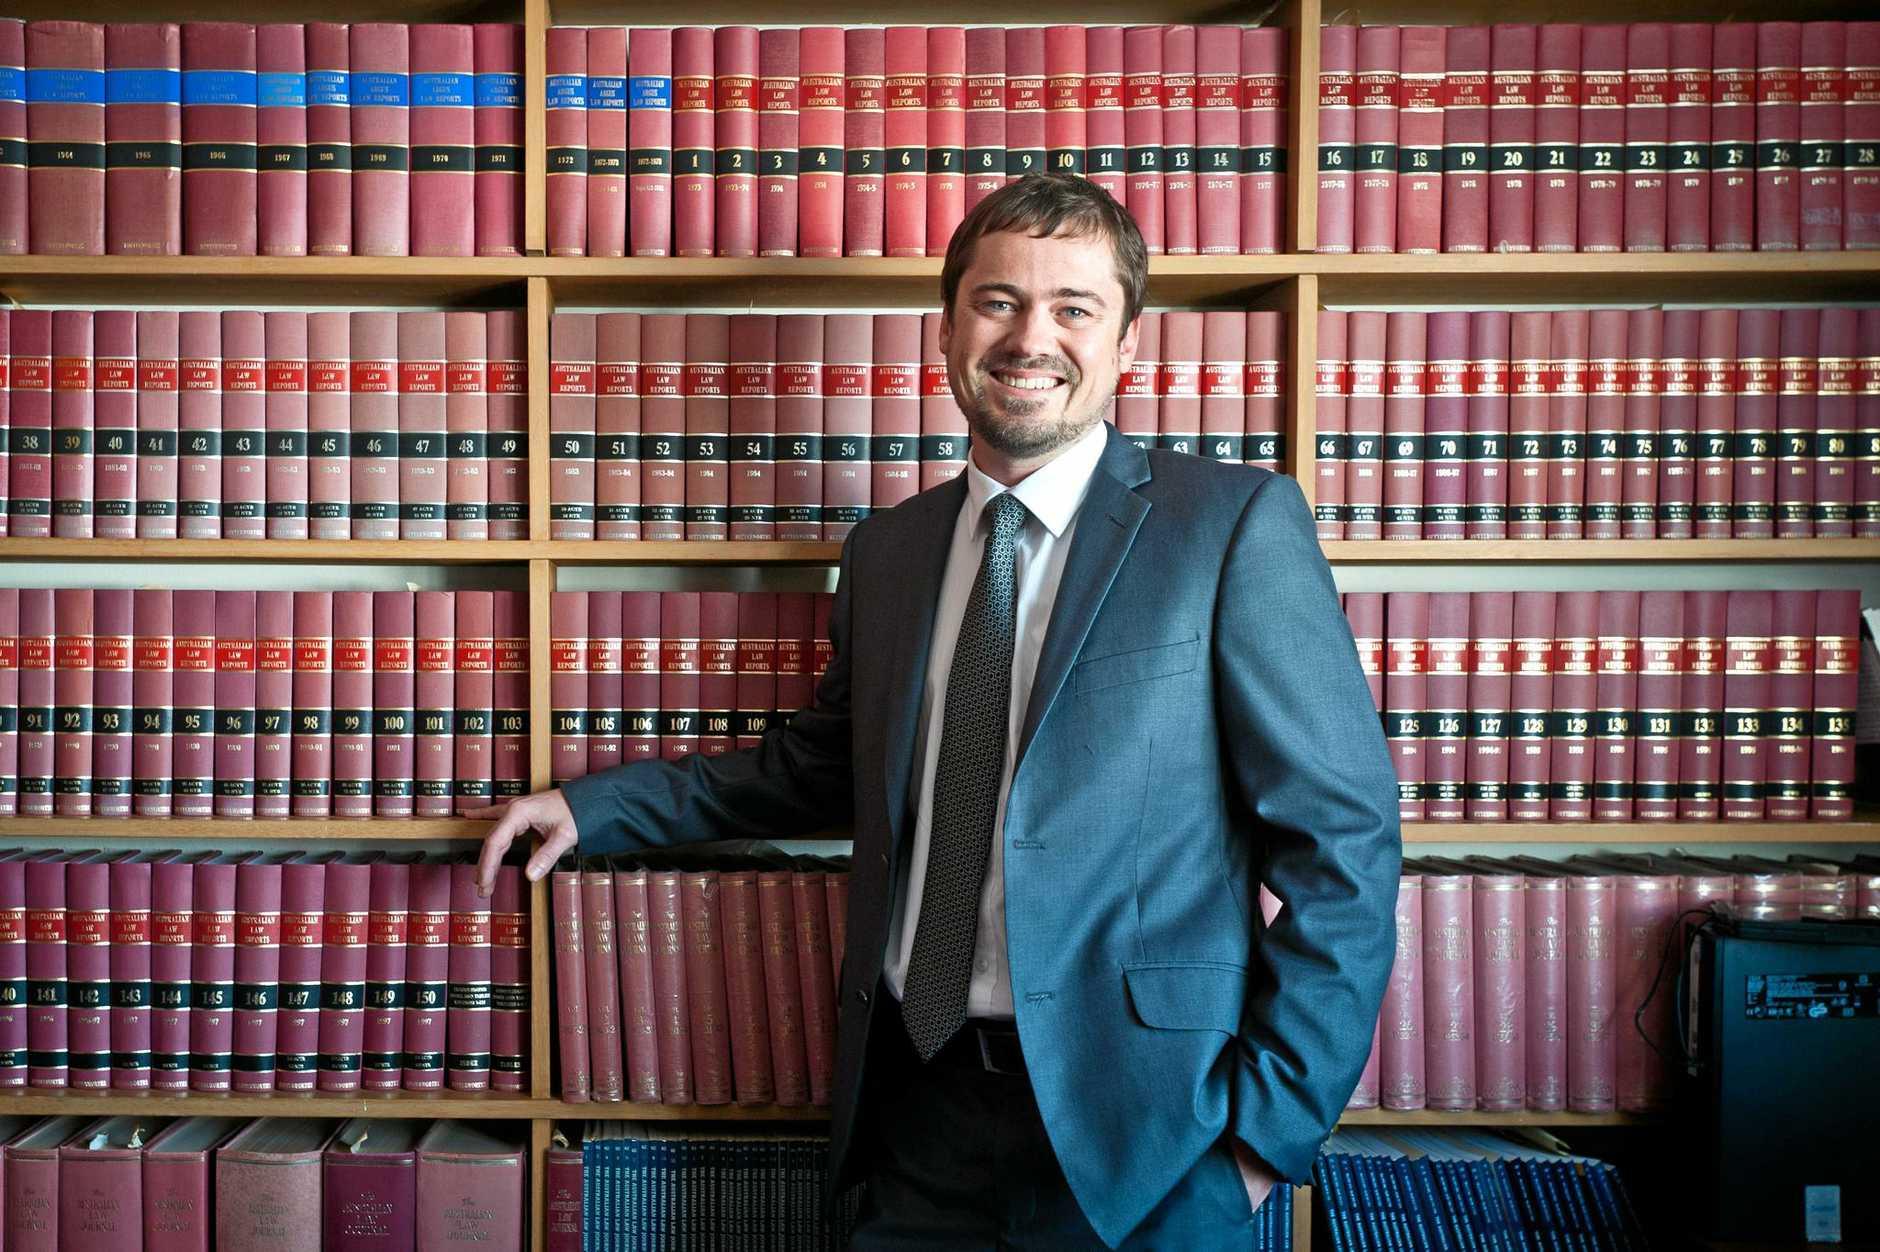 Manny Wood, B.A., L.L.B, Ticli Blaxland Lawyers. Photo: Rob Wright / The Coffs Coast Advocate